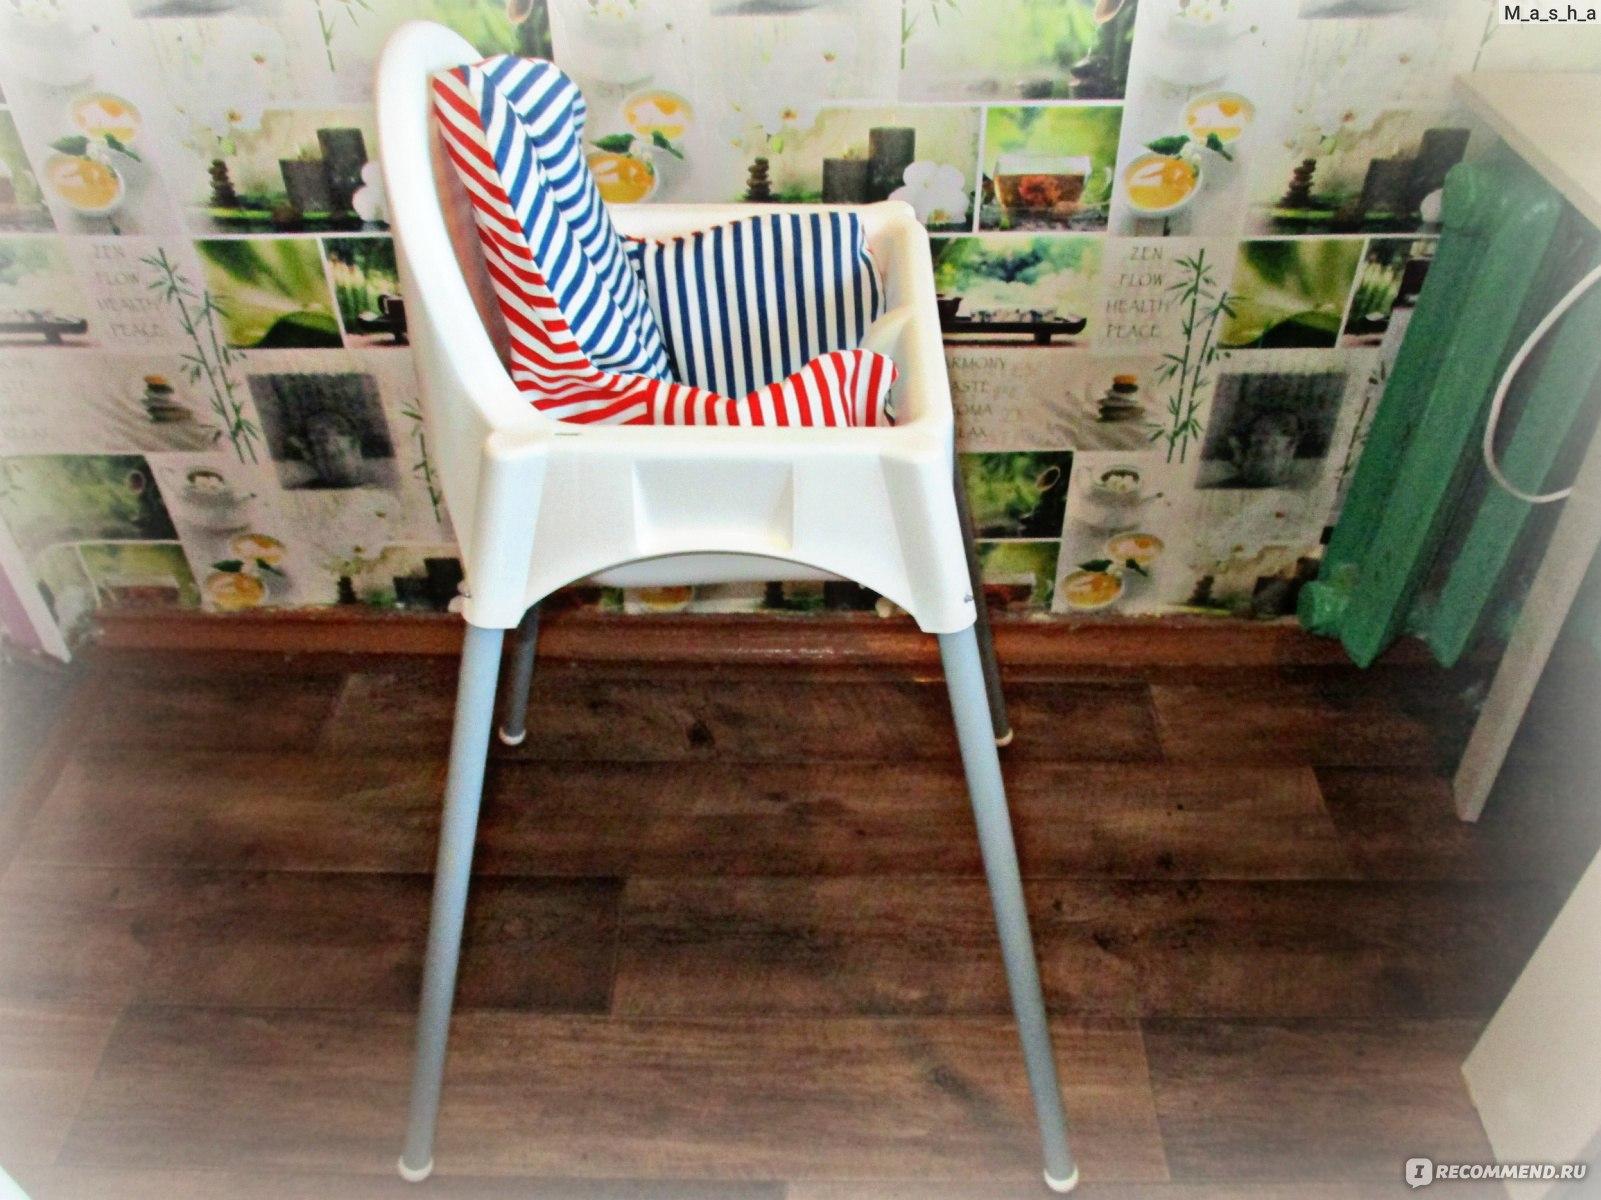 стульчик для кормления Ikea антилоп Antilop стульчик для